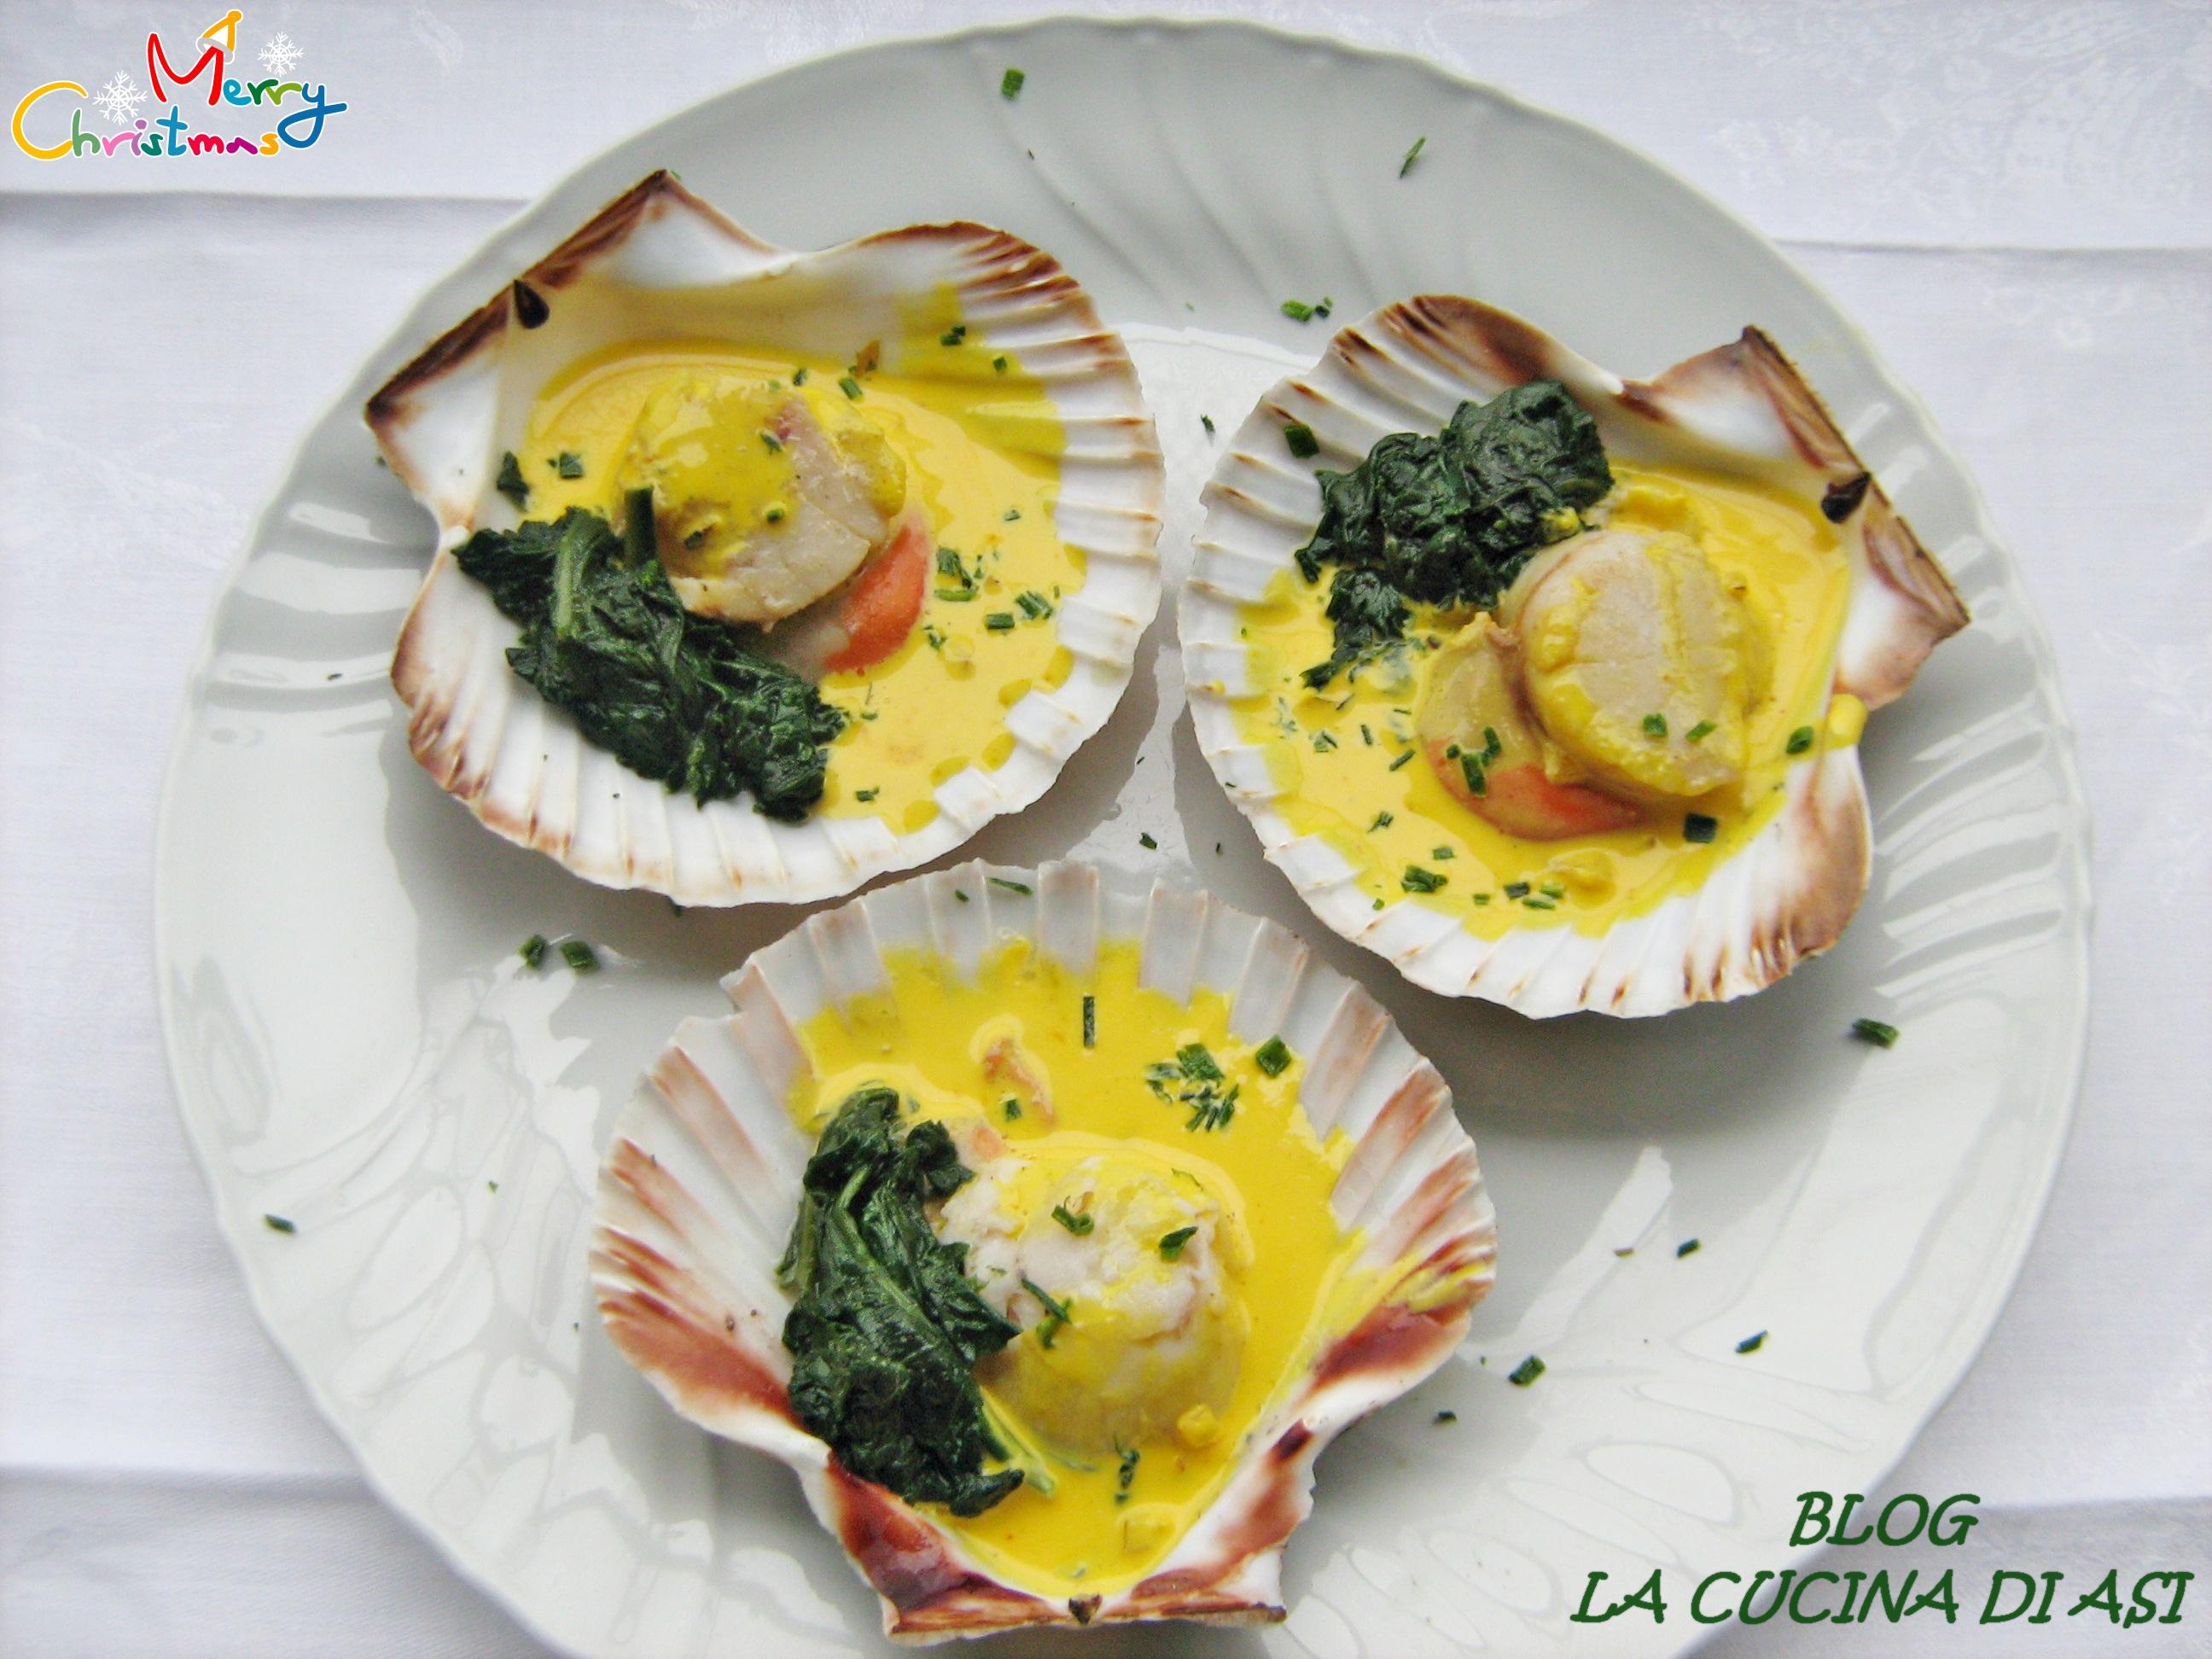 Capesante con spumante e zafferano la cucina di asi for Antipasti ricette italiane